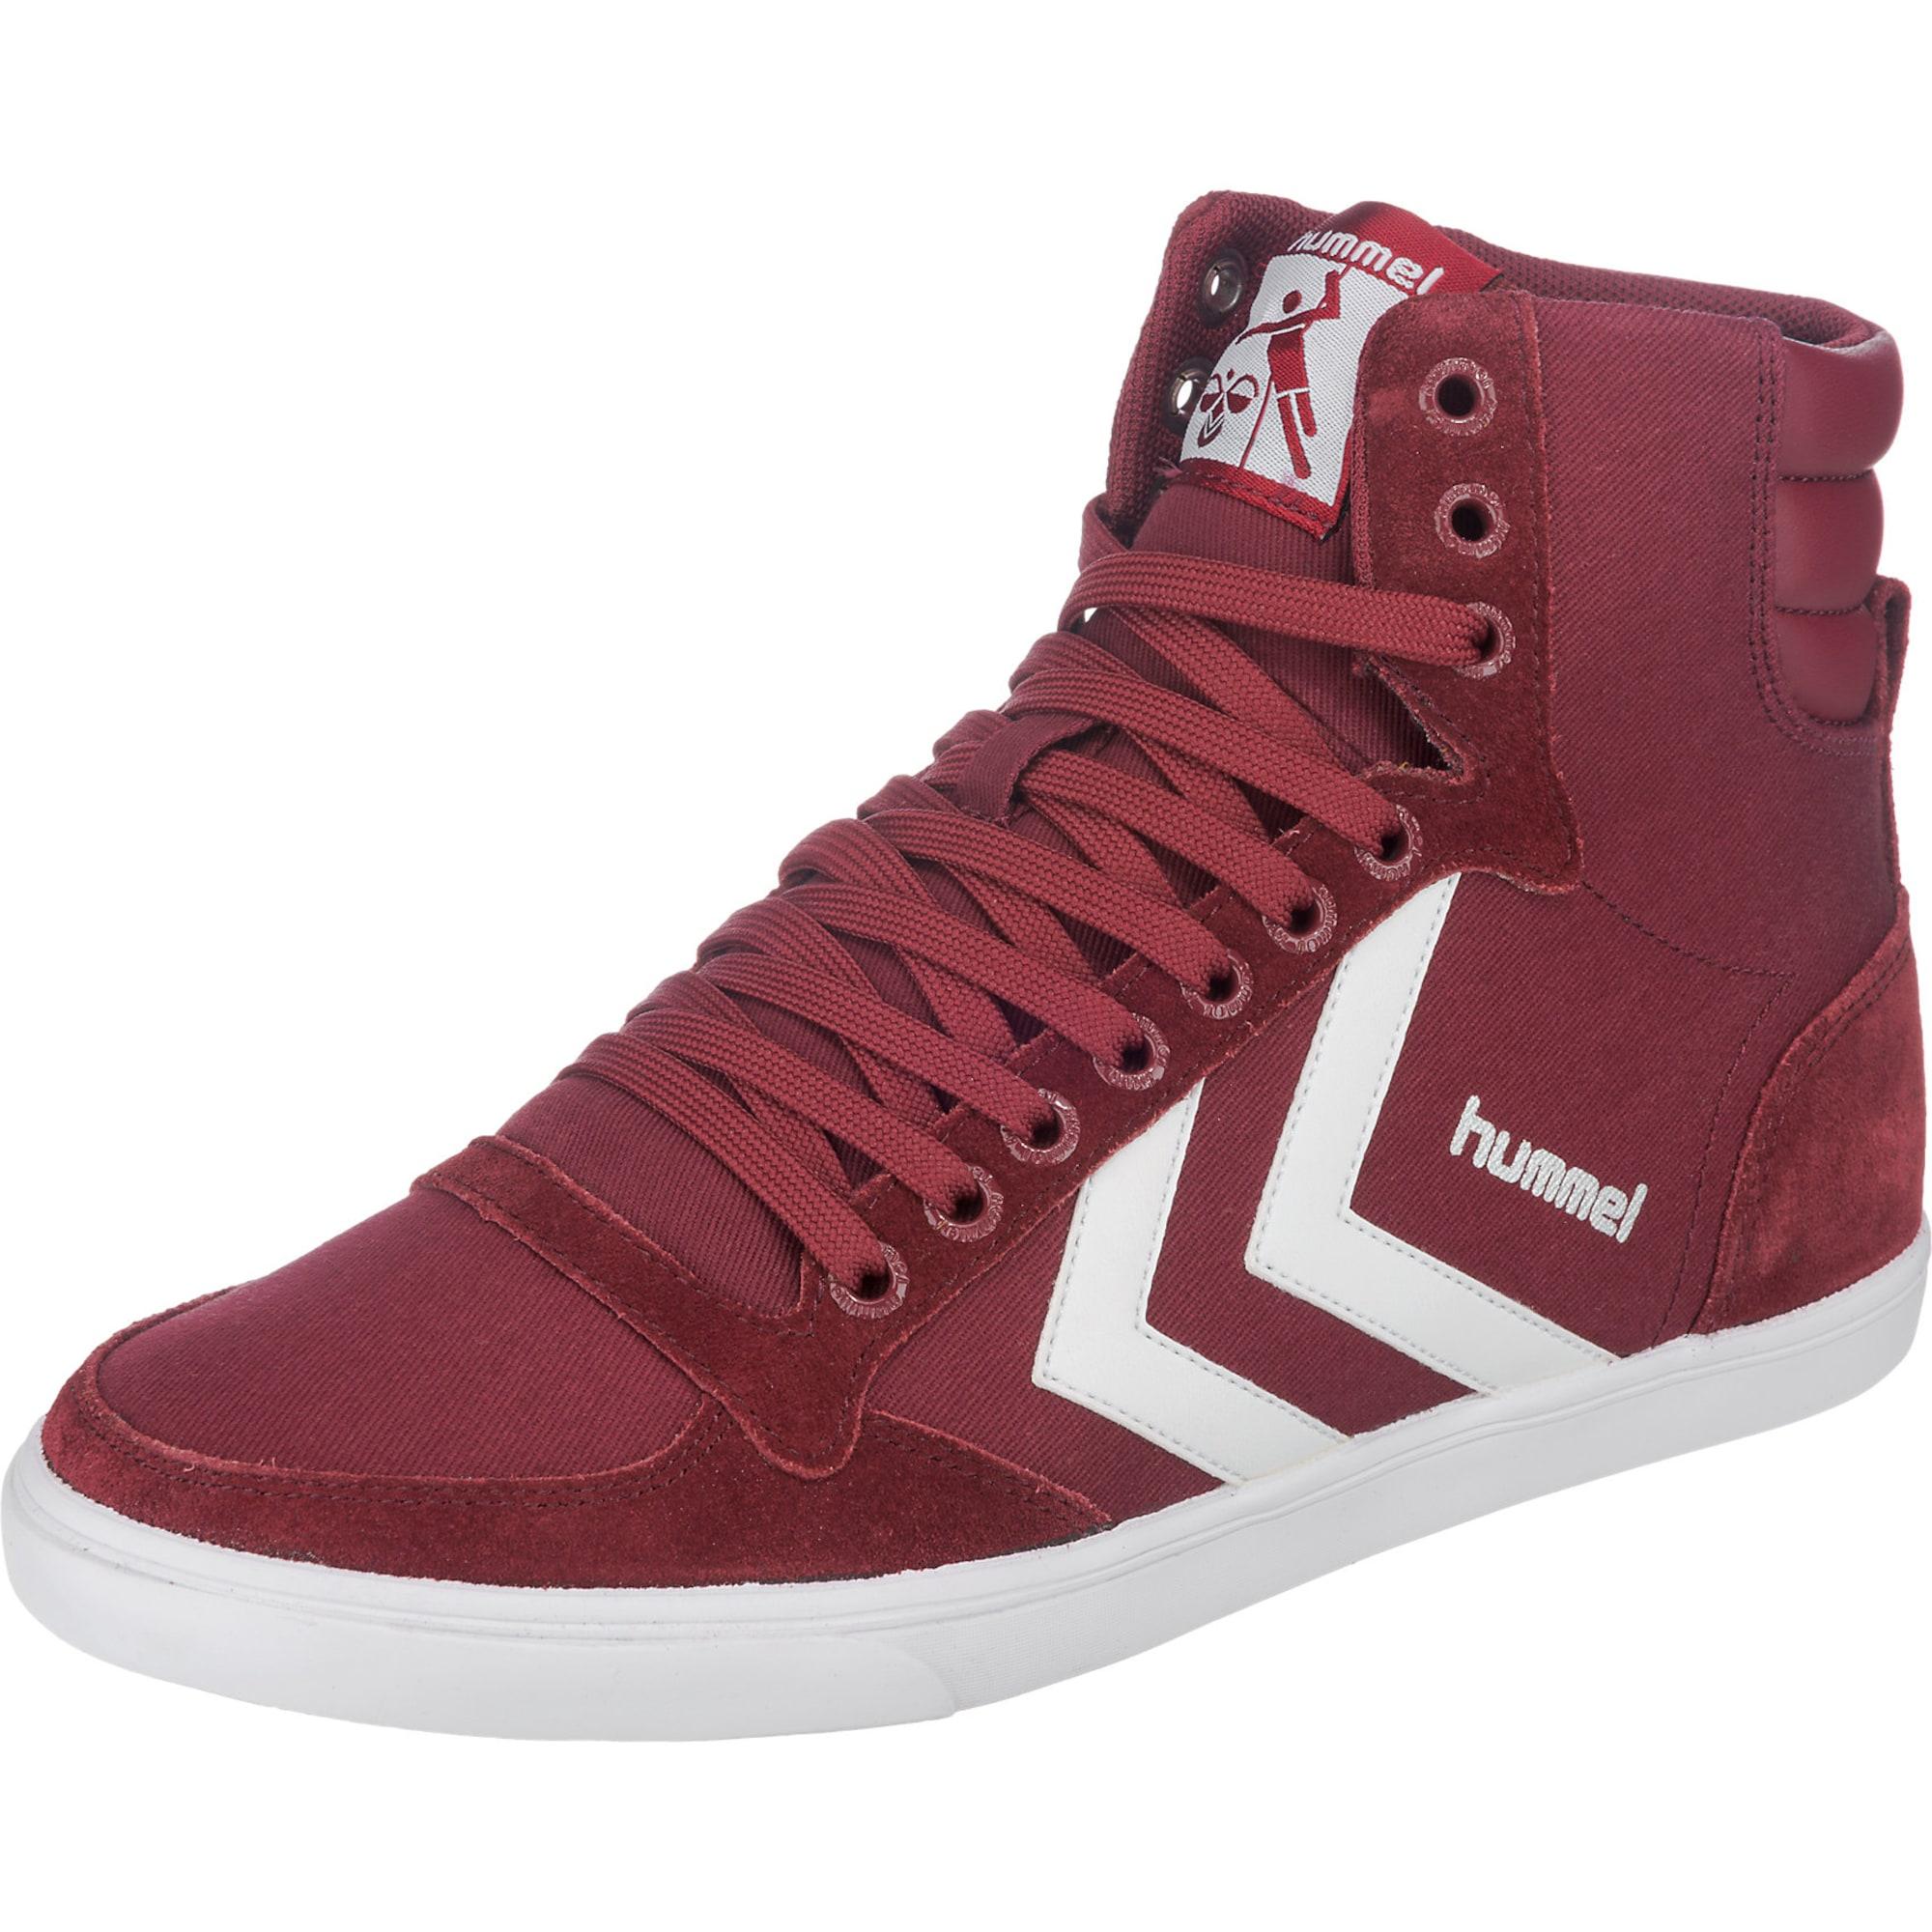 Schuhe Schuhe Schuhe Online Günstig Kaufen Kaufen Über